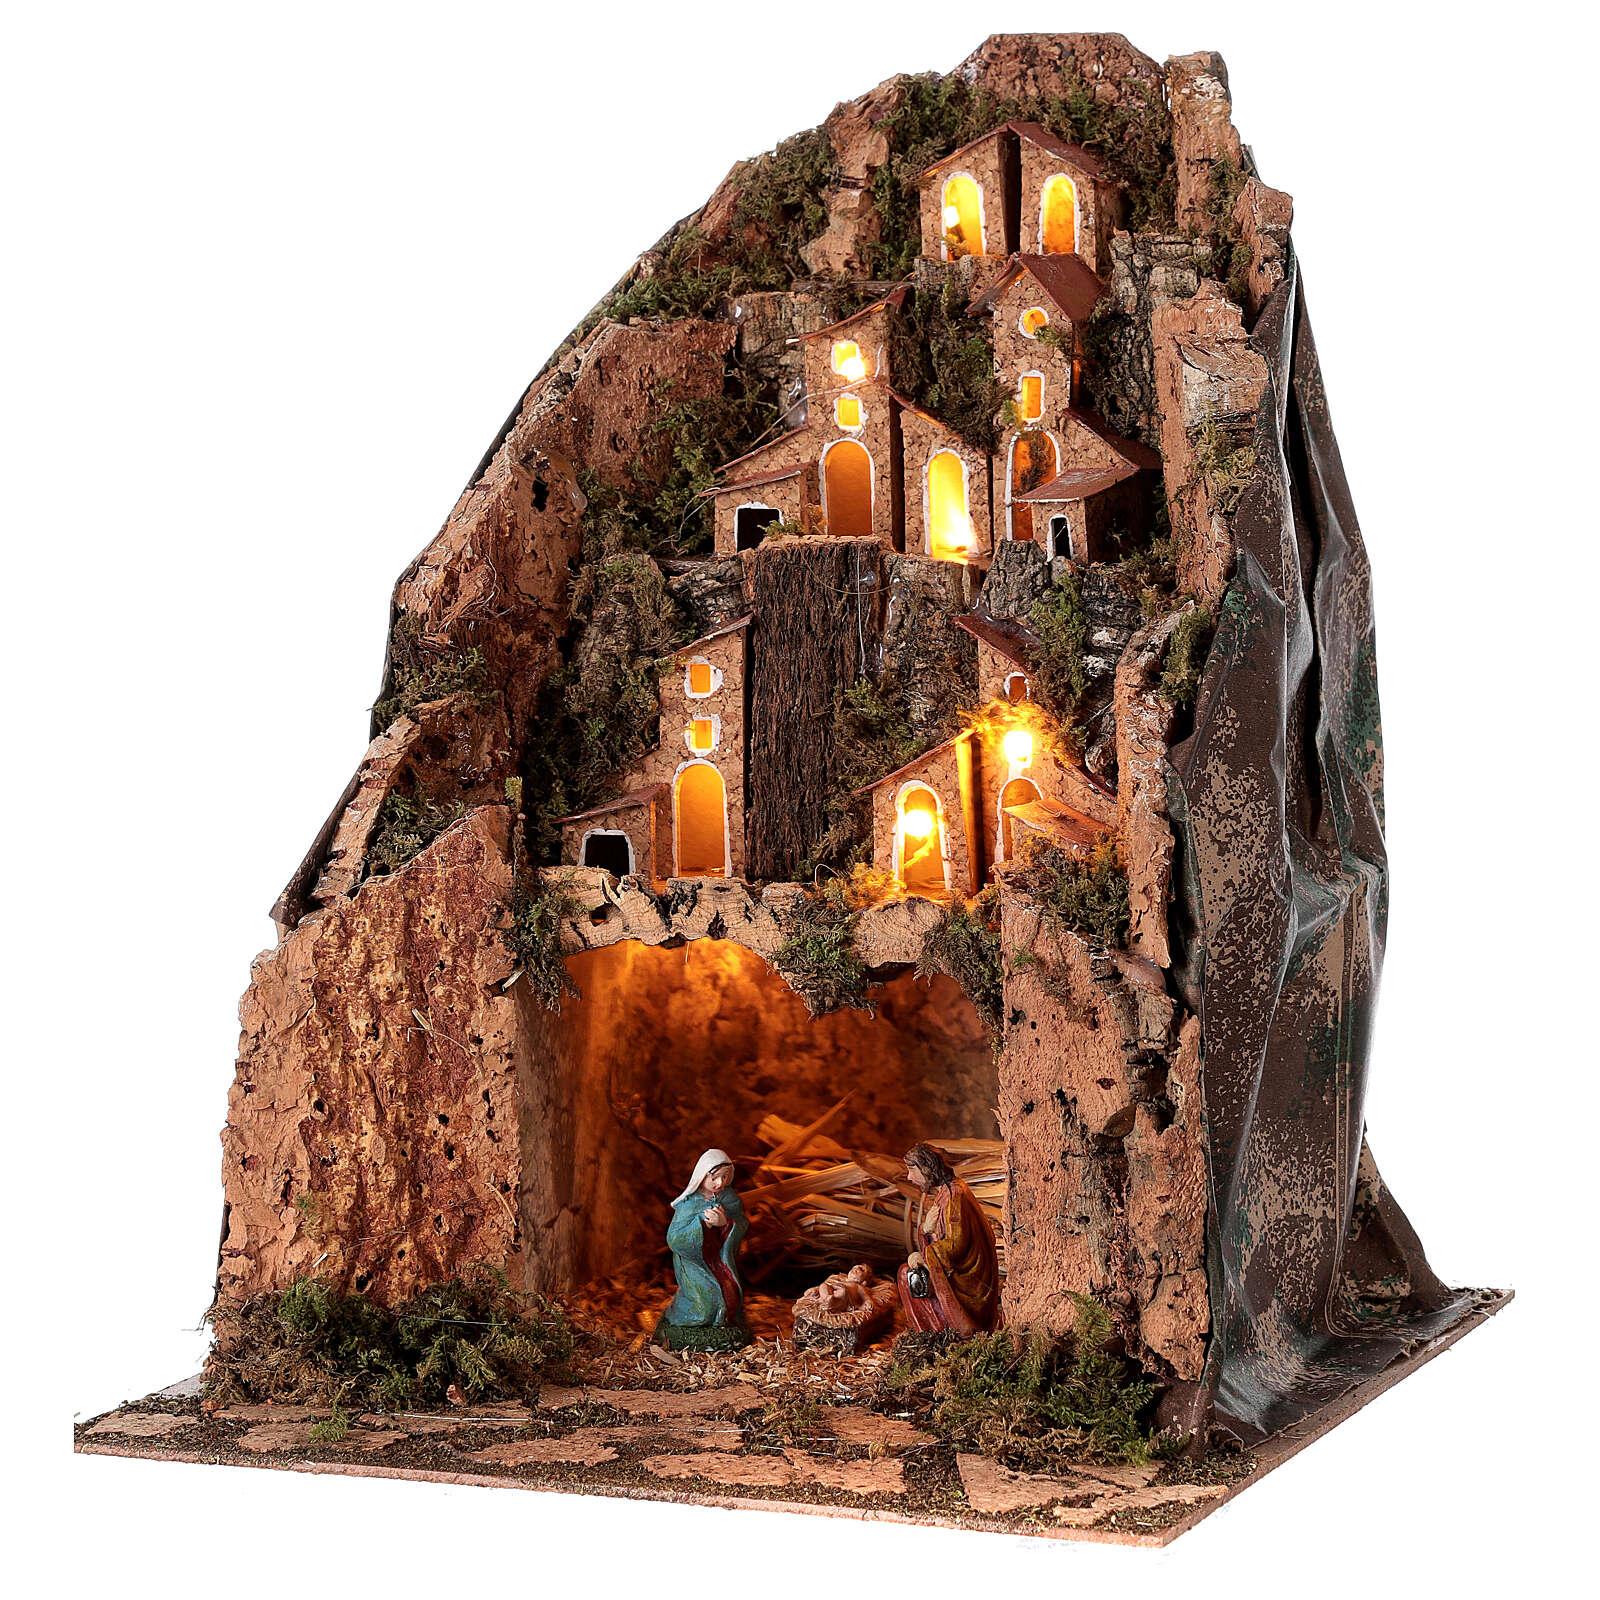 Villaggio con borgo illuminato 30x25x25 cm presepe 6 cm 4